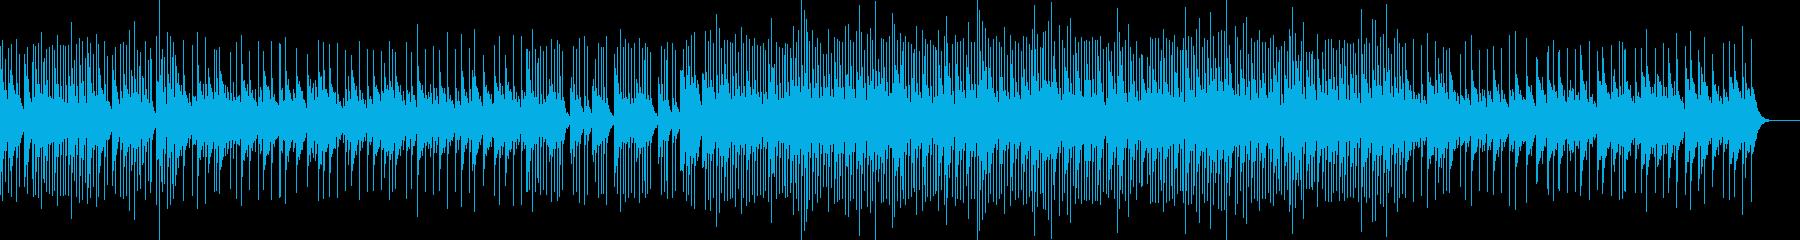 哀愁漂うヒーリングオルゴールの再生済みの波形